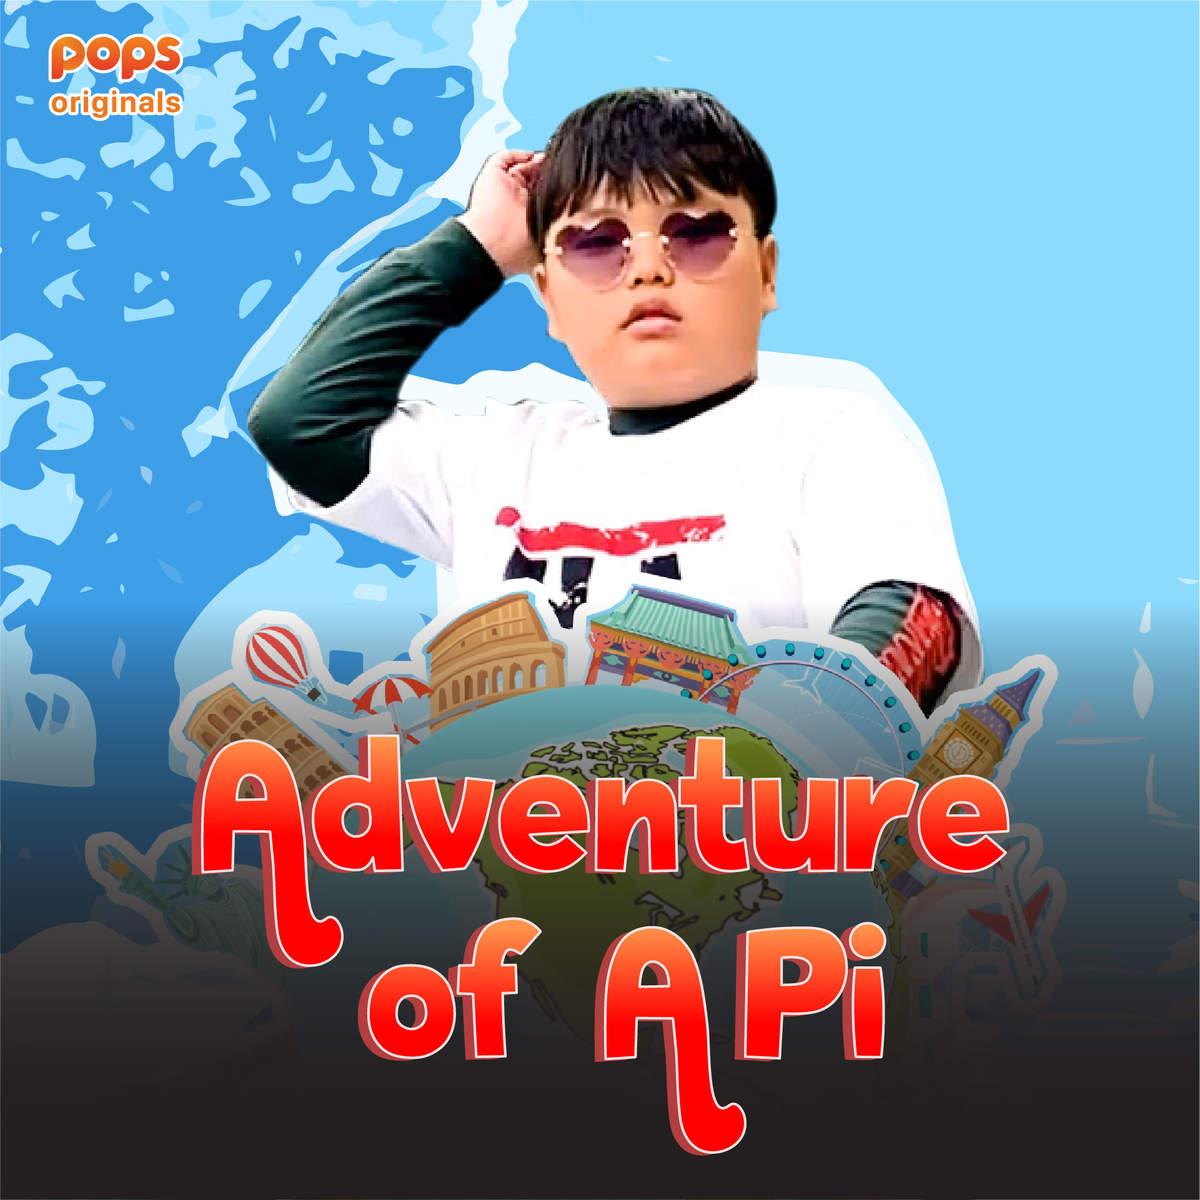 Adventure of A Pi | บันทึกการผจญภัยของพี